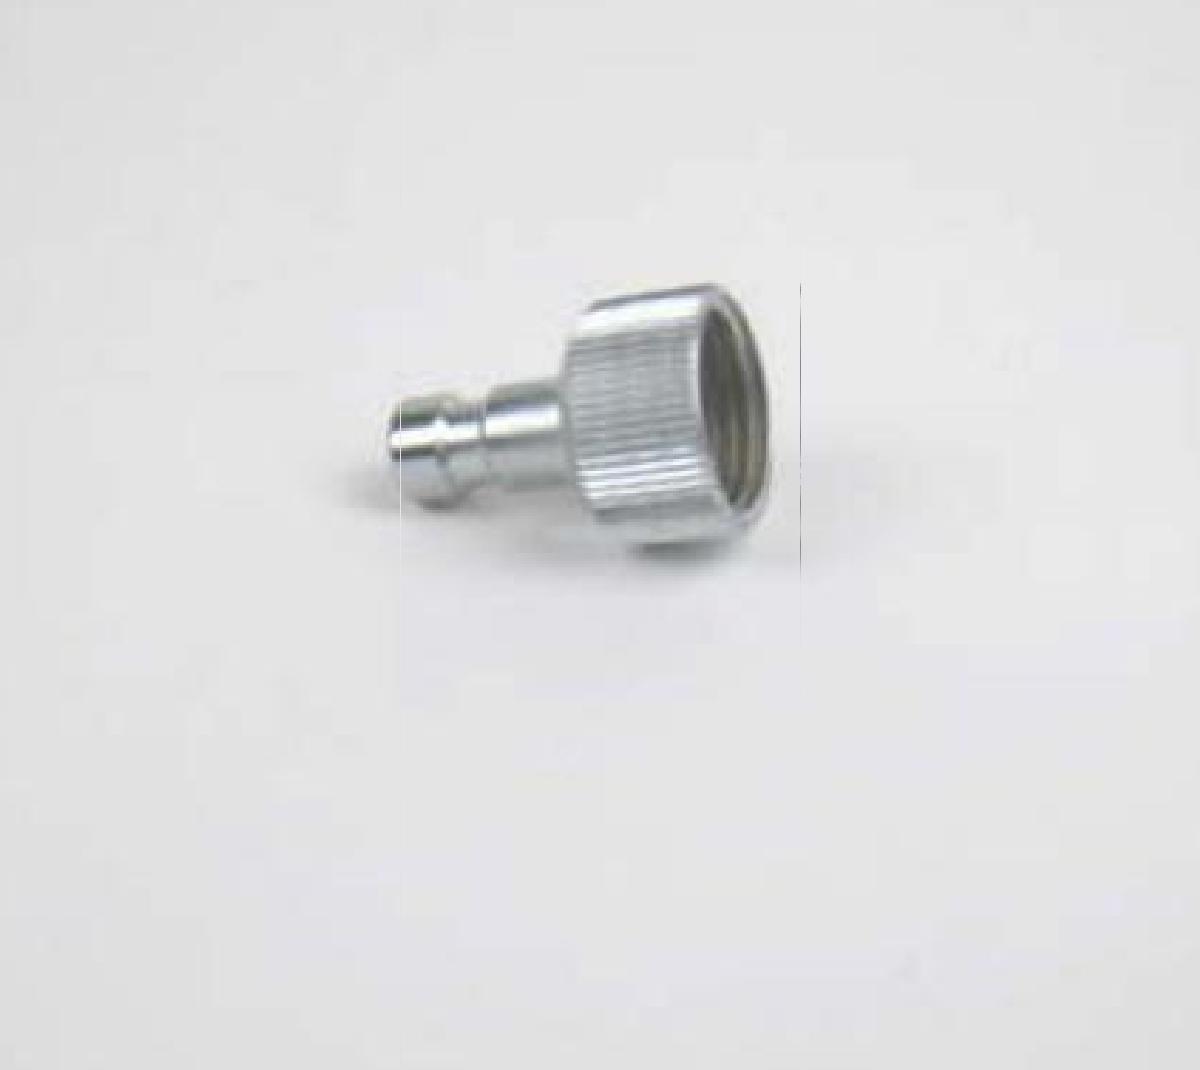 Stecknippel NW2,7 mit G1/8 Zoll Gewinde Harder und Steenbeck Nr. 104063